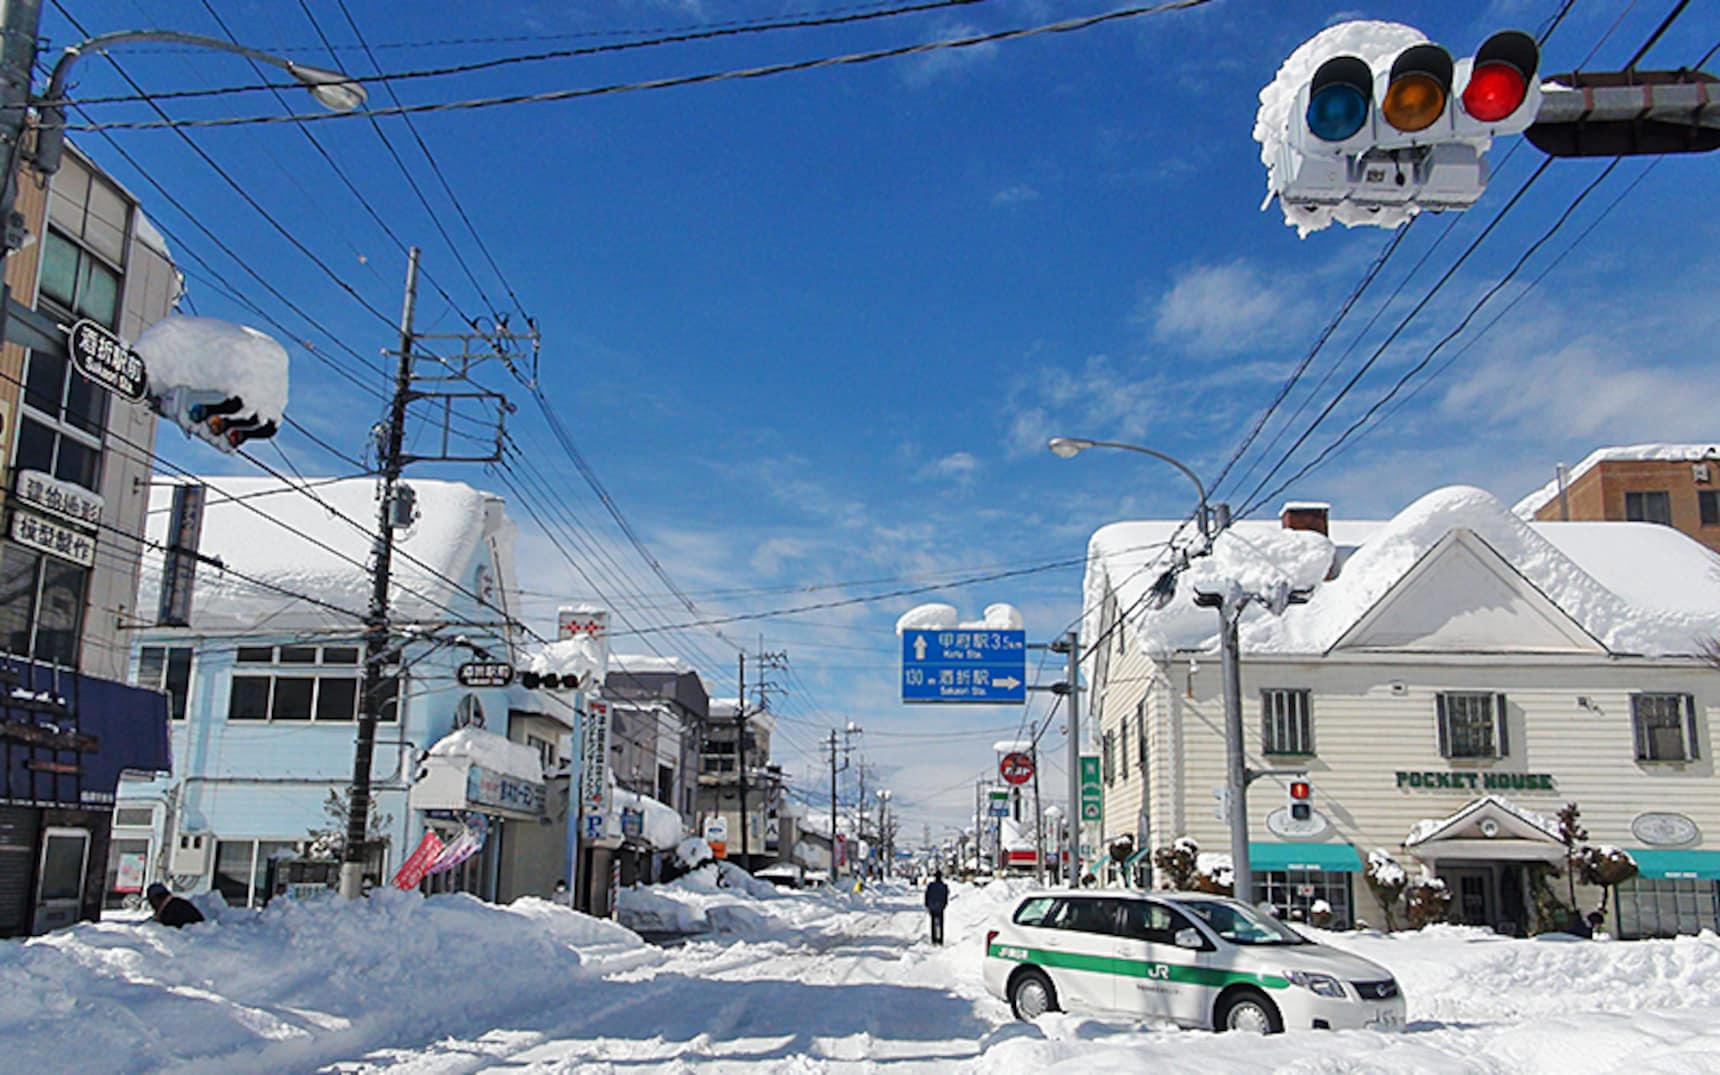 เมืองไทยโชคดีที่ไม่มีหิมะ